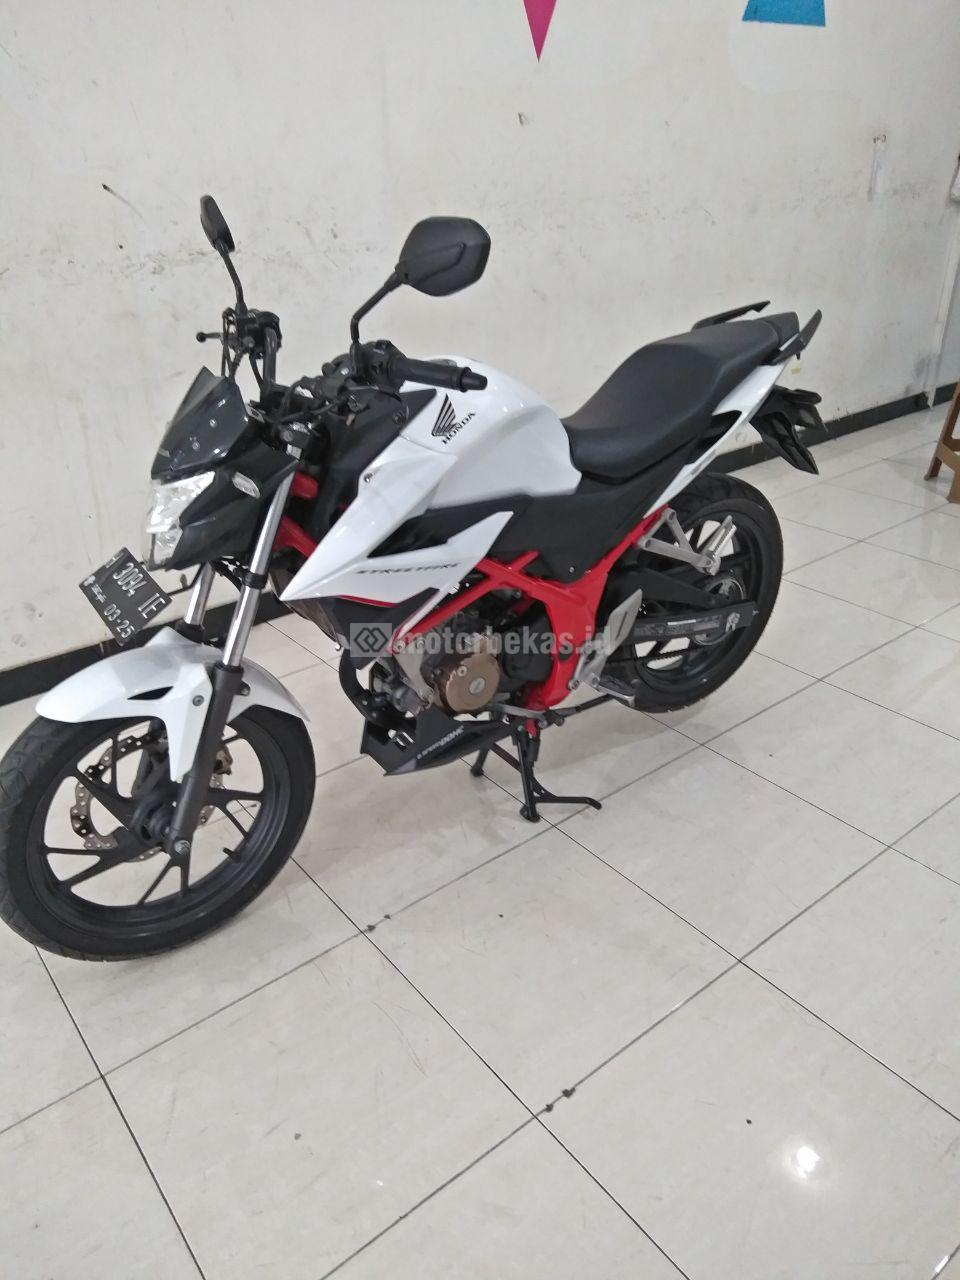 HONDA CB 150 R  3392 motorbekas.id